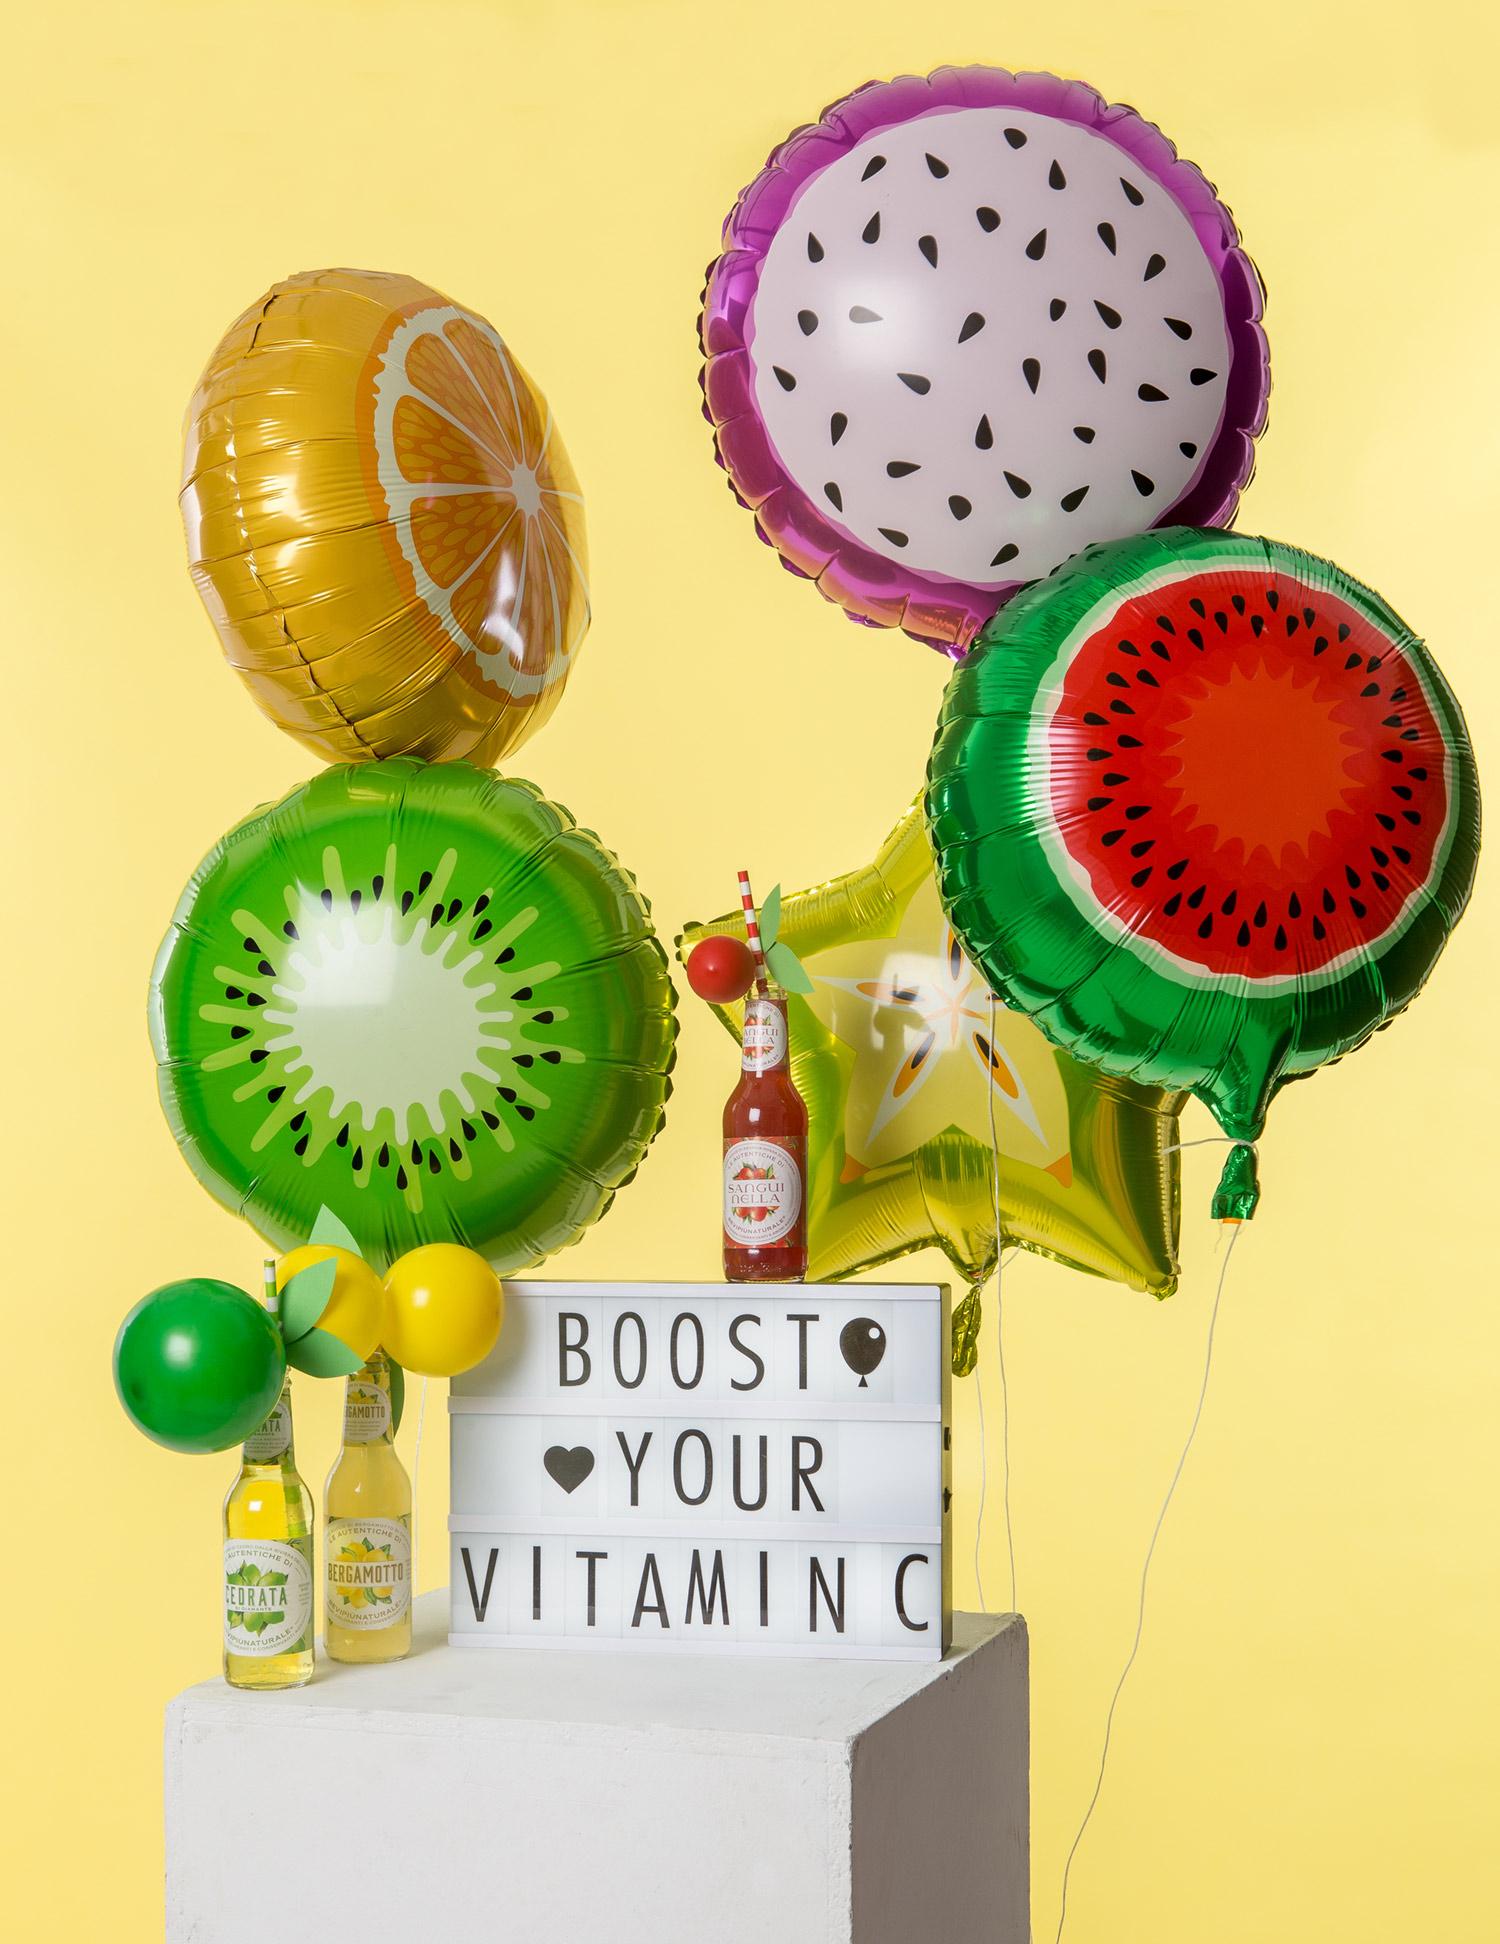 Energiboosta och dekorera party och kalas med en fruktklase av våra frukt ballonger i folie